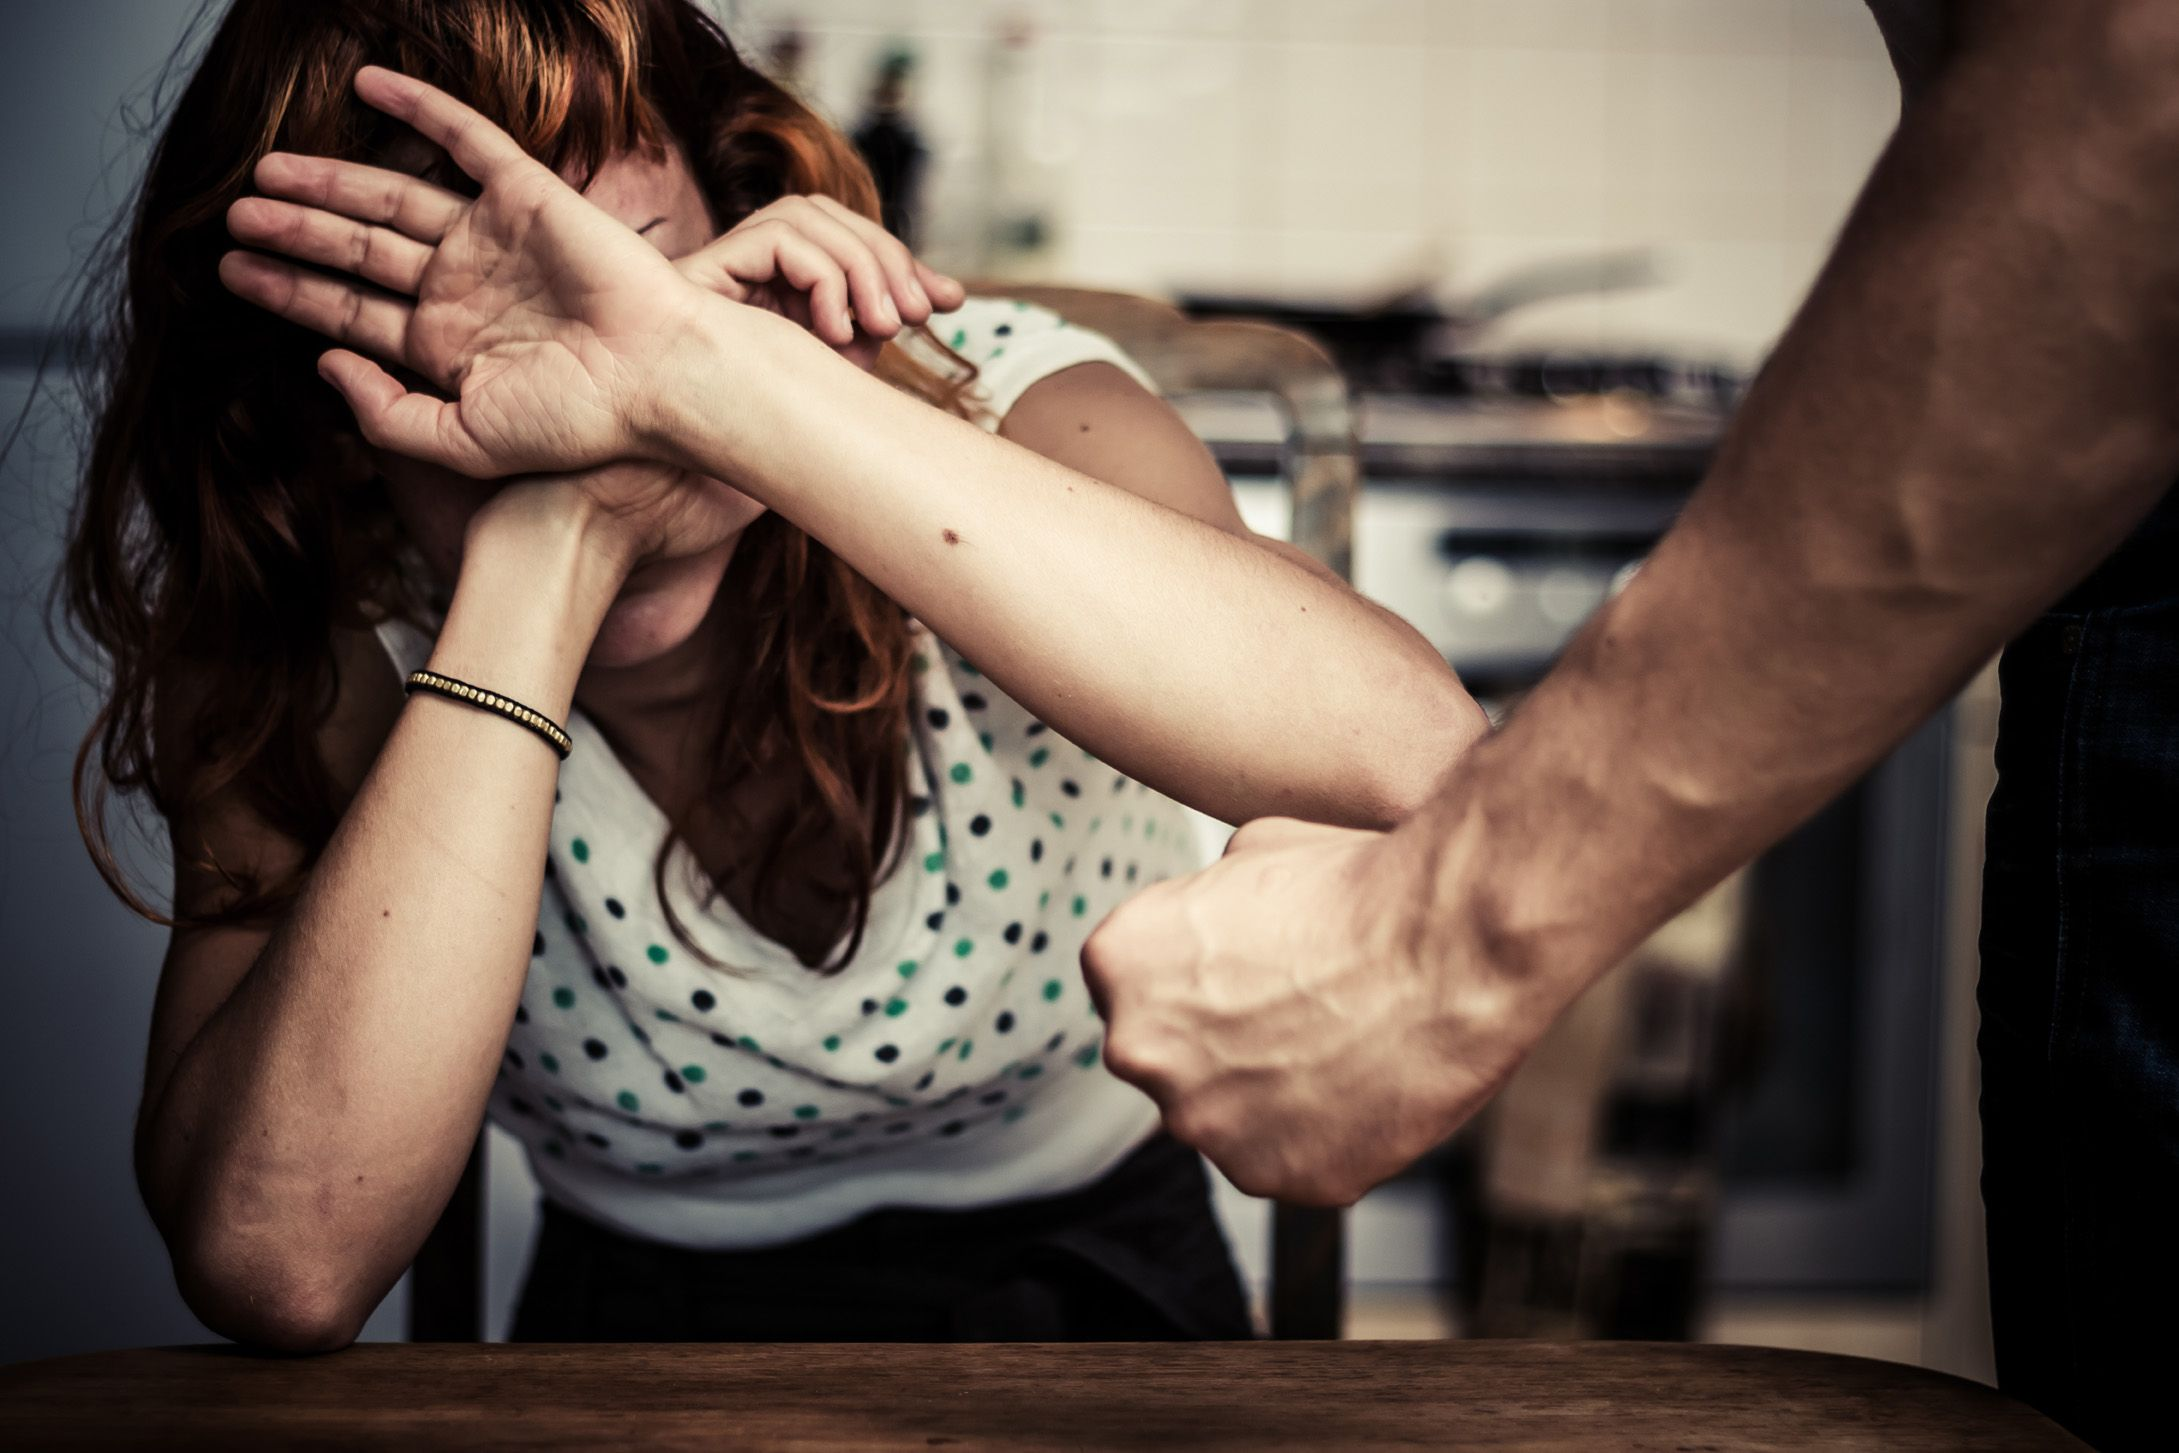 VALCHIUSELLA - Spara al fidanzato della sorella che viene maltrattata: arrestato per tentato omicidio